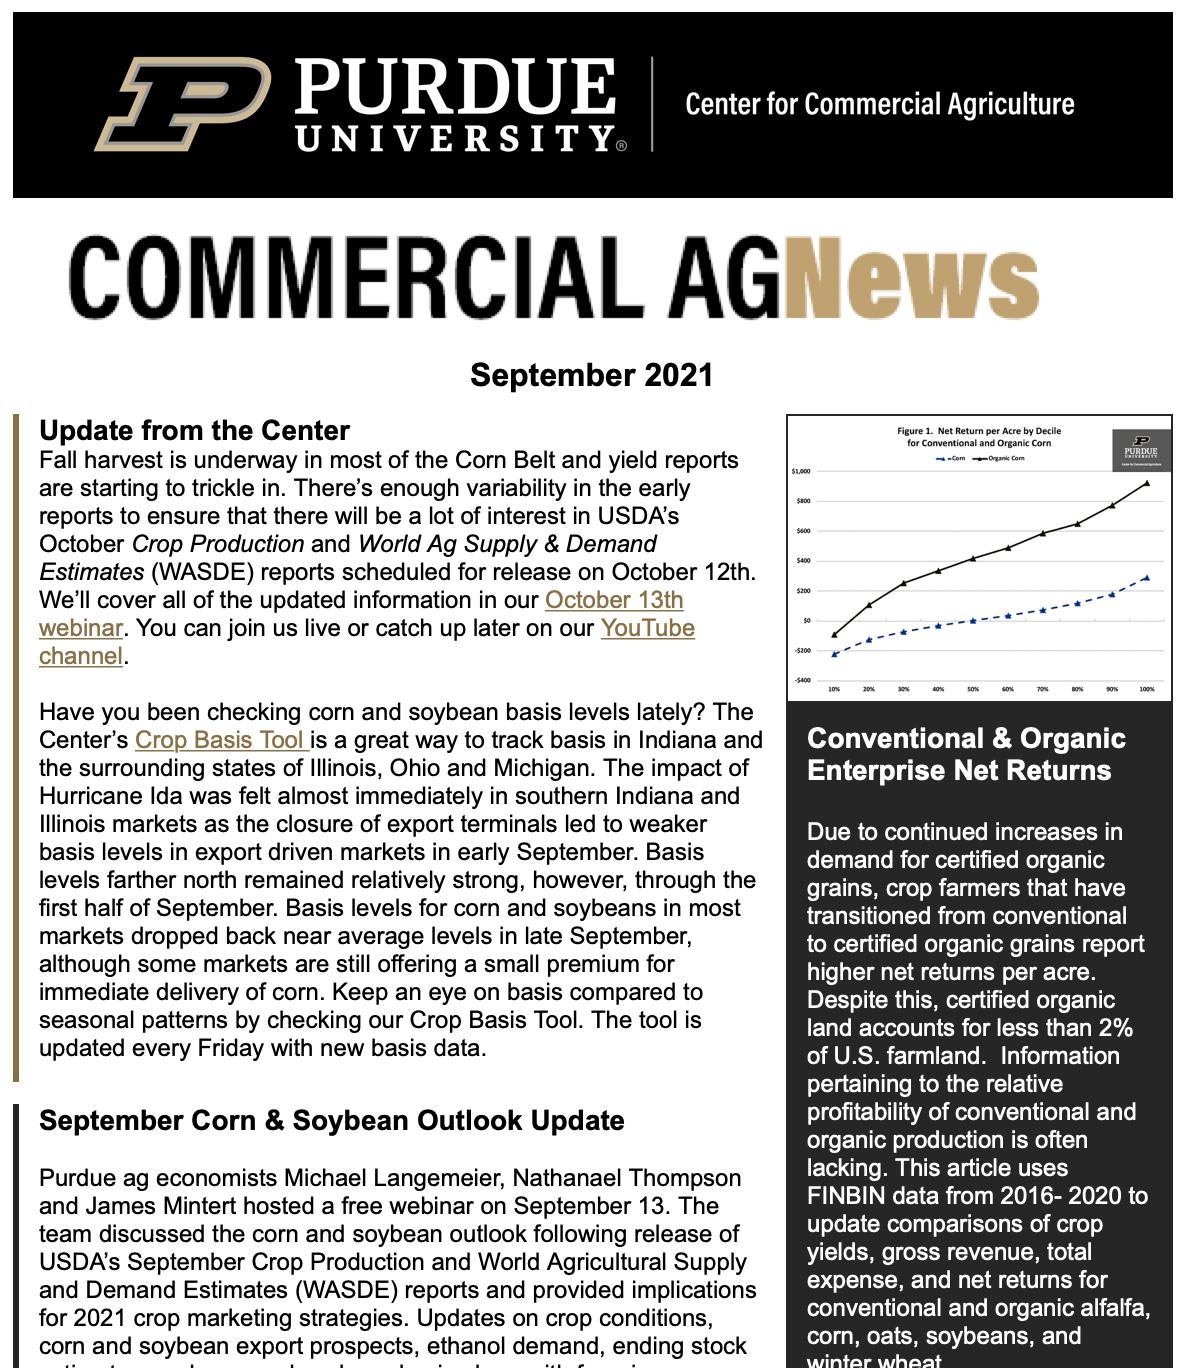 Commercial AgNews, September 2021